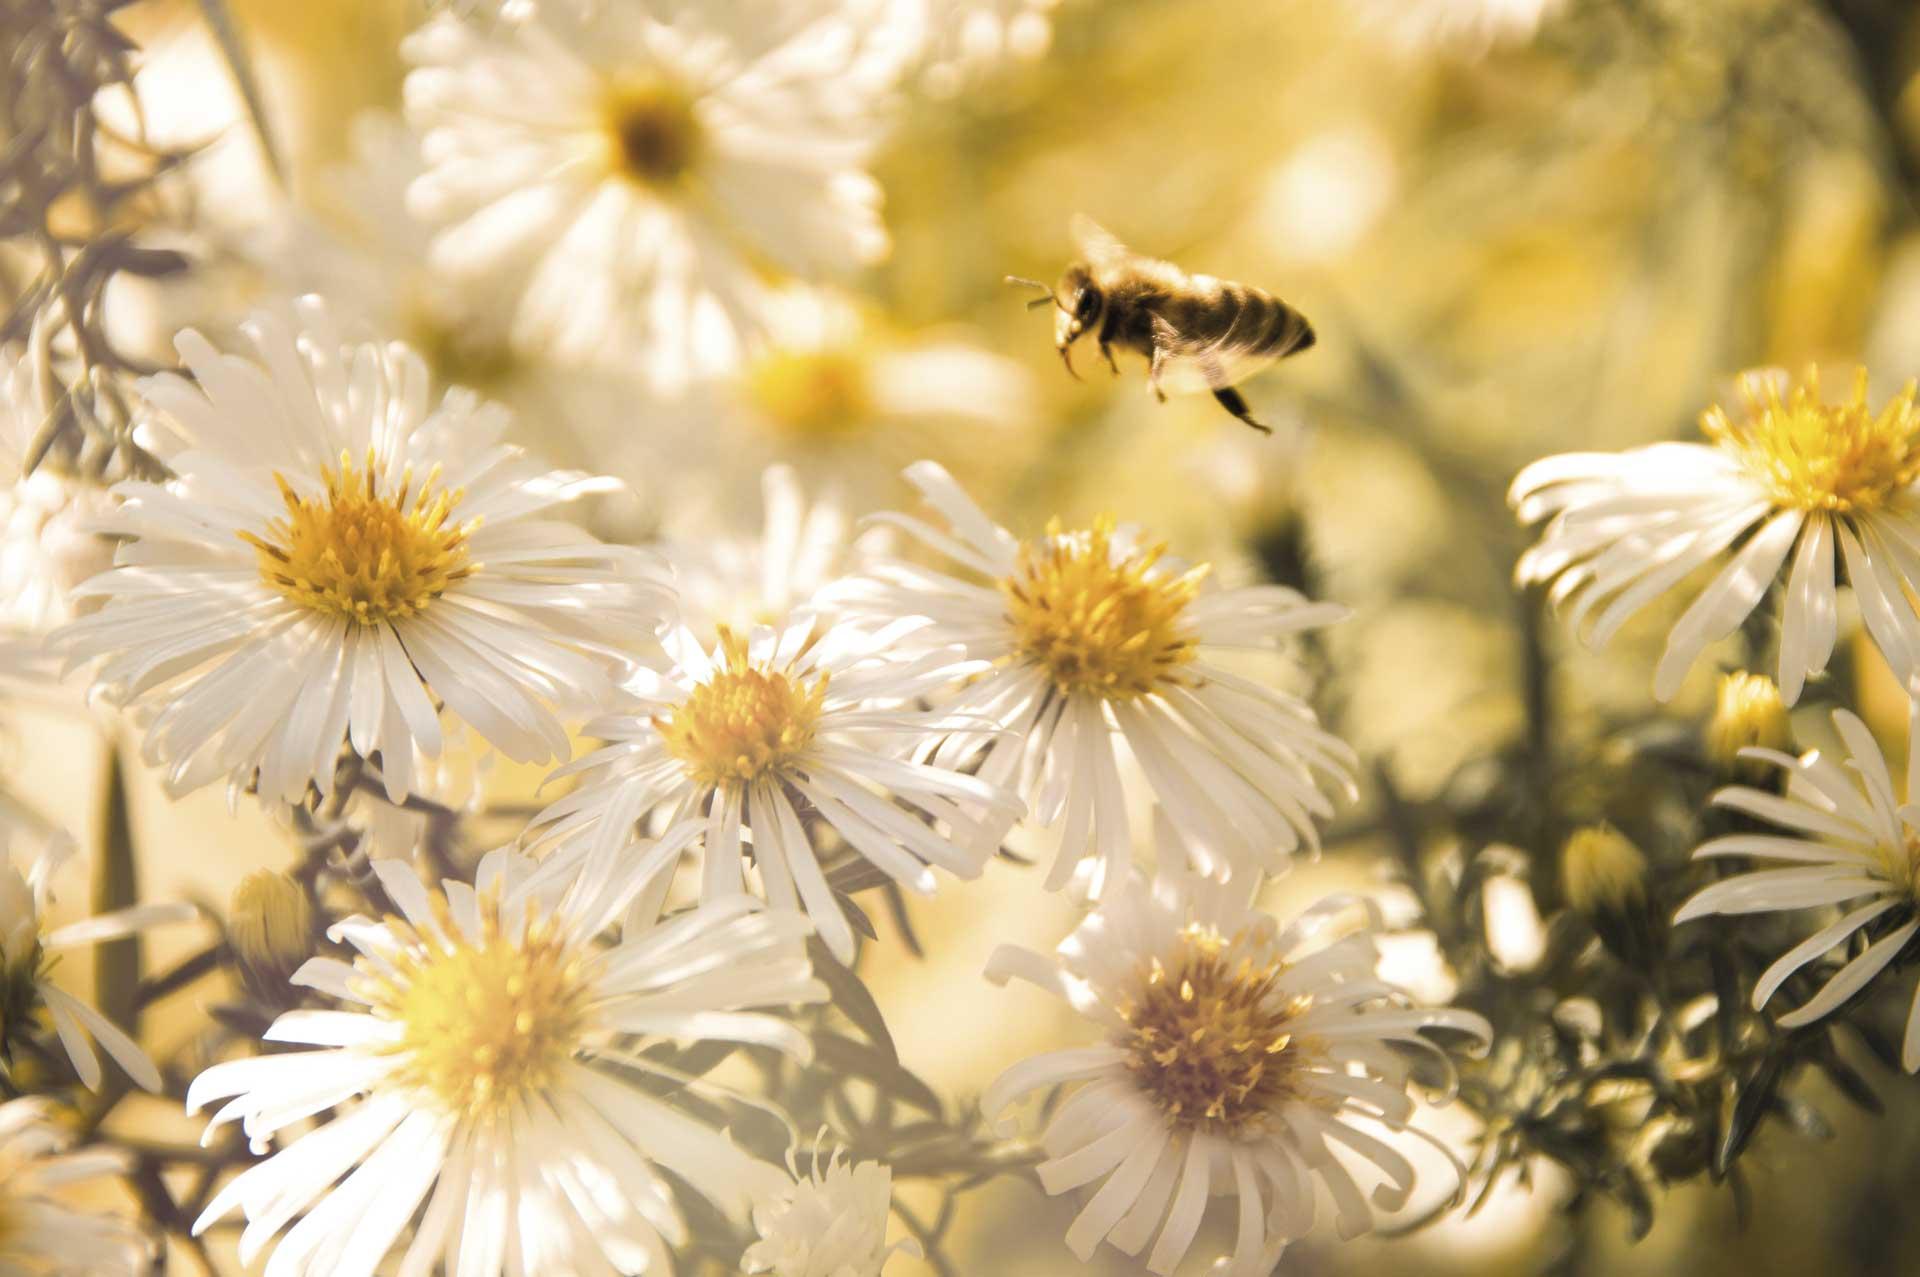 Das Bild zeigt eine fleißige Biene die auf einer Blumenwiese ihrer Arbeit nachgeht.